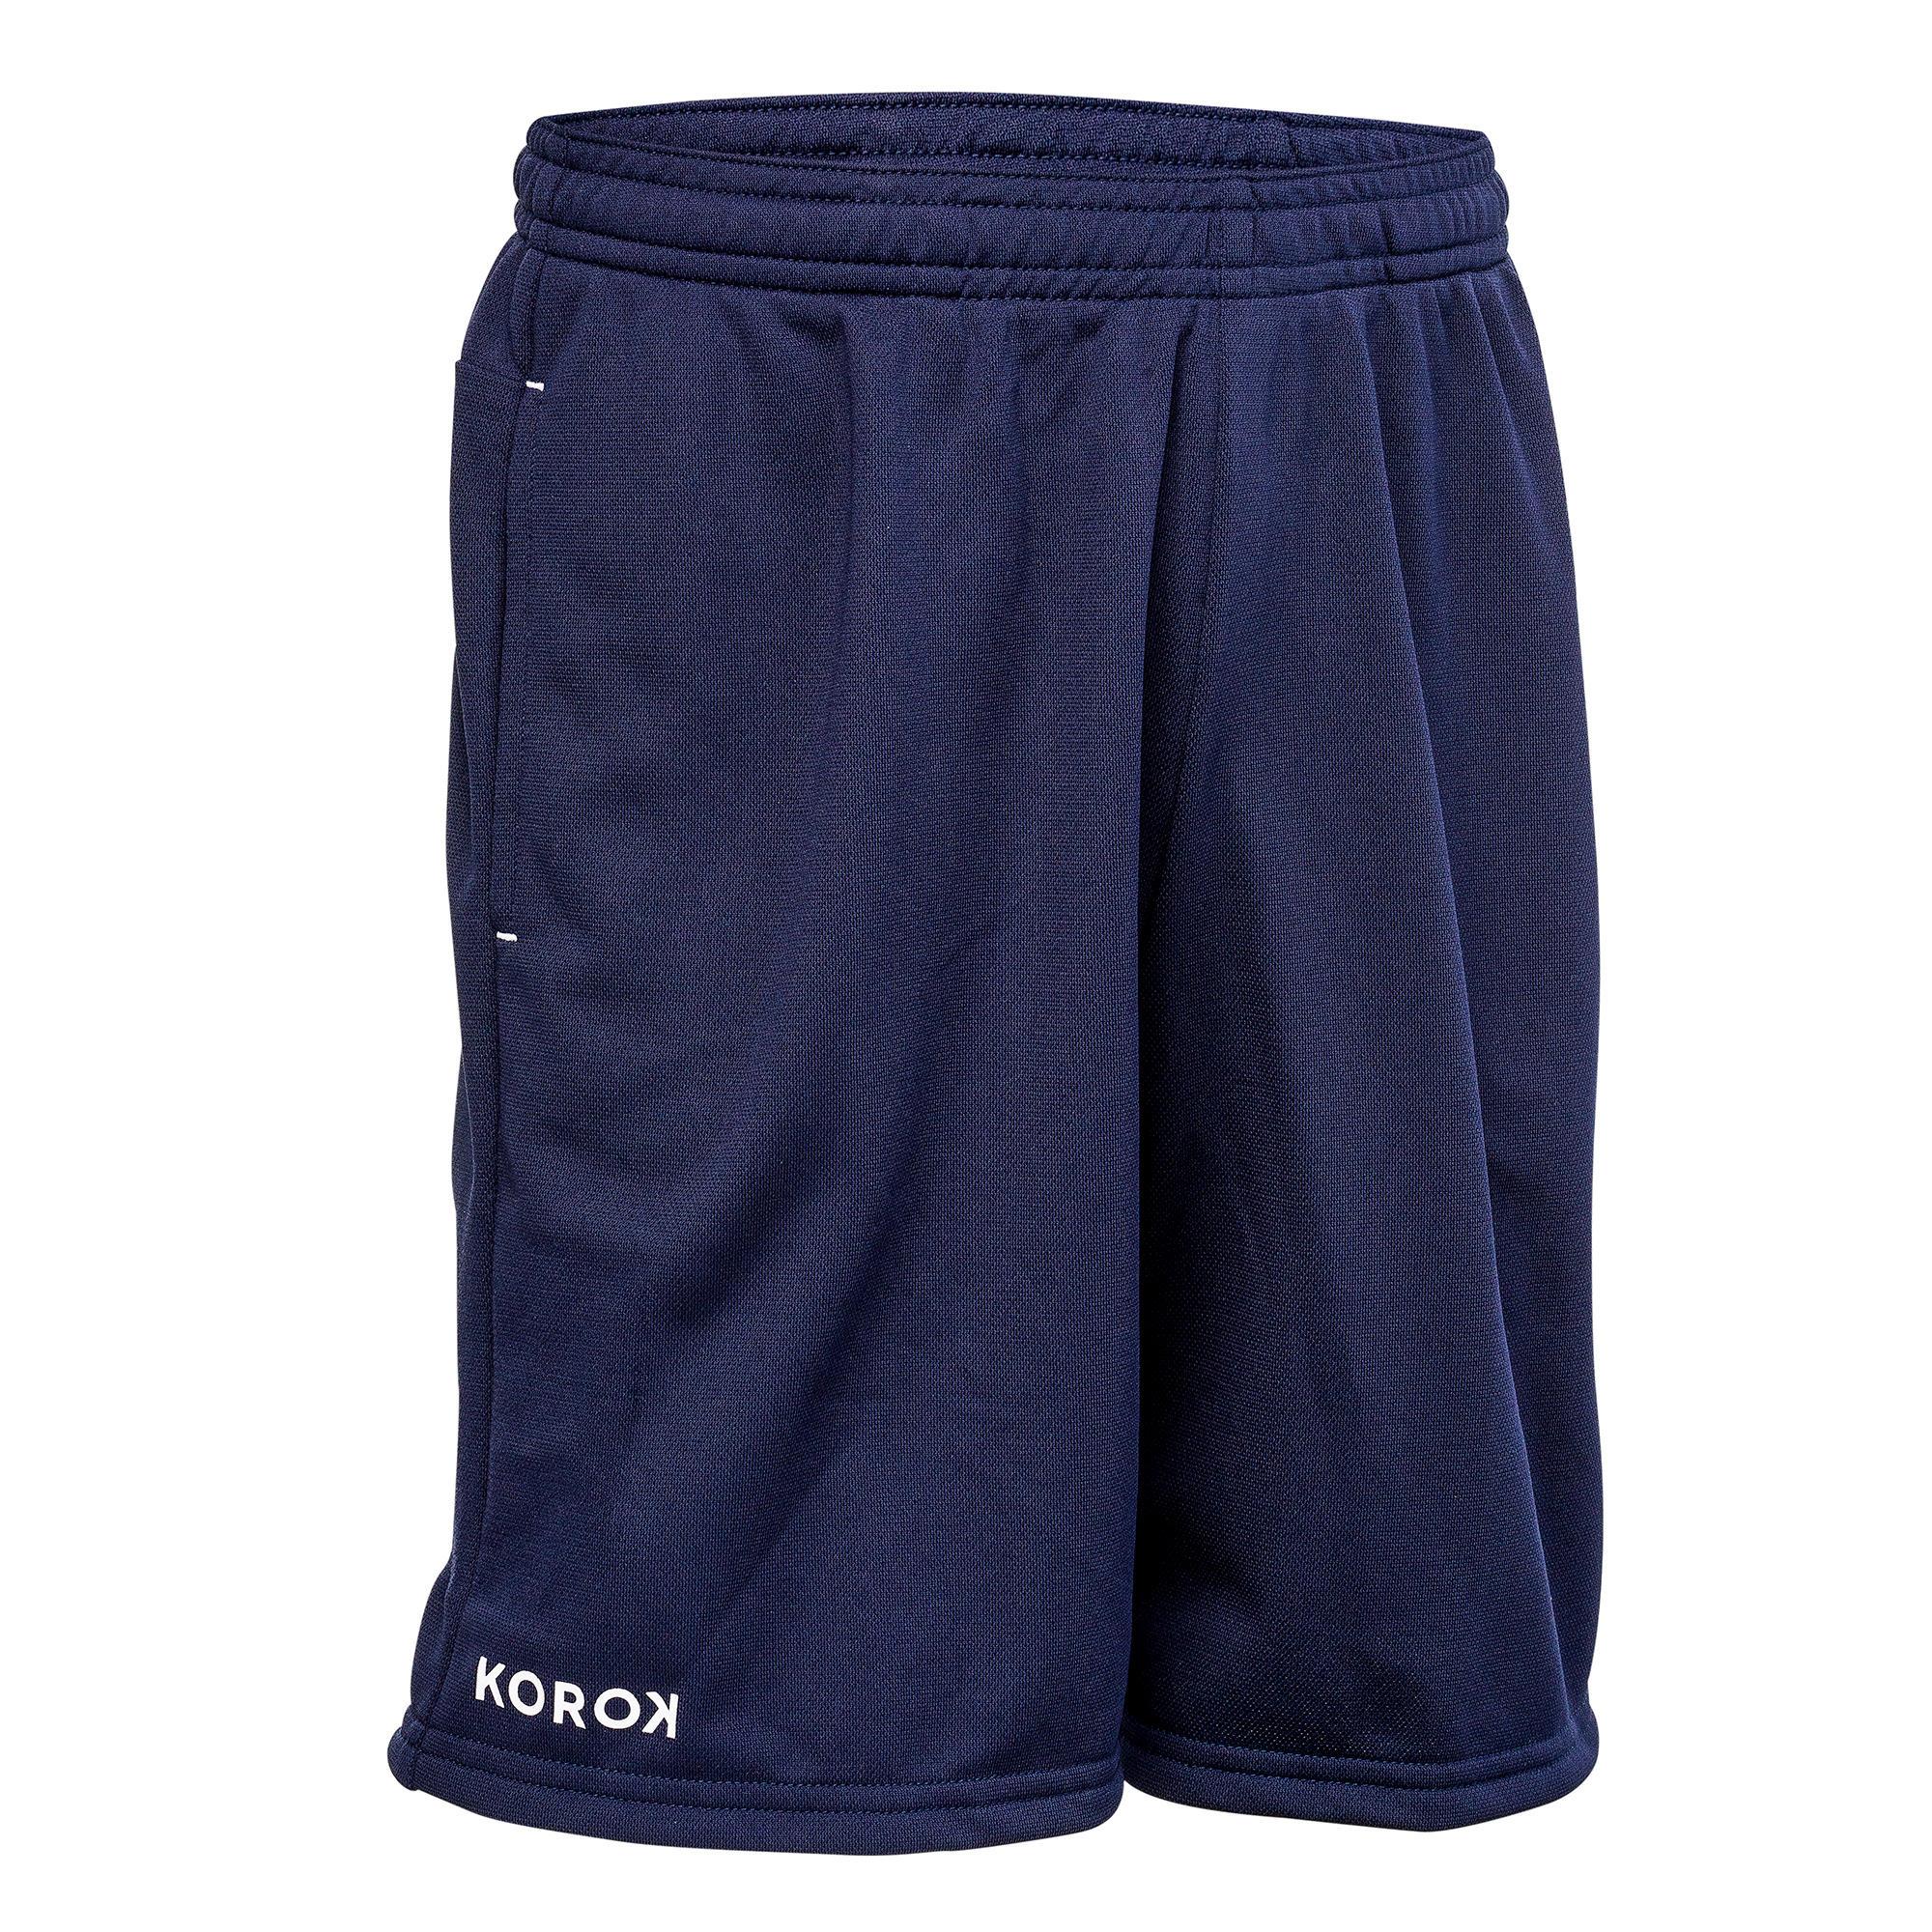 Vêtements garçons (2-16 ans) Shorts L'été prochain Short Crème Coton Taille 4,5,6,7,10 ans